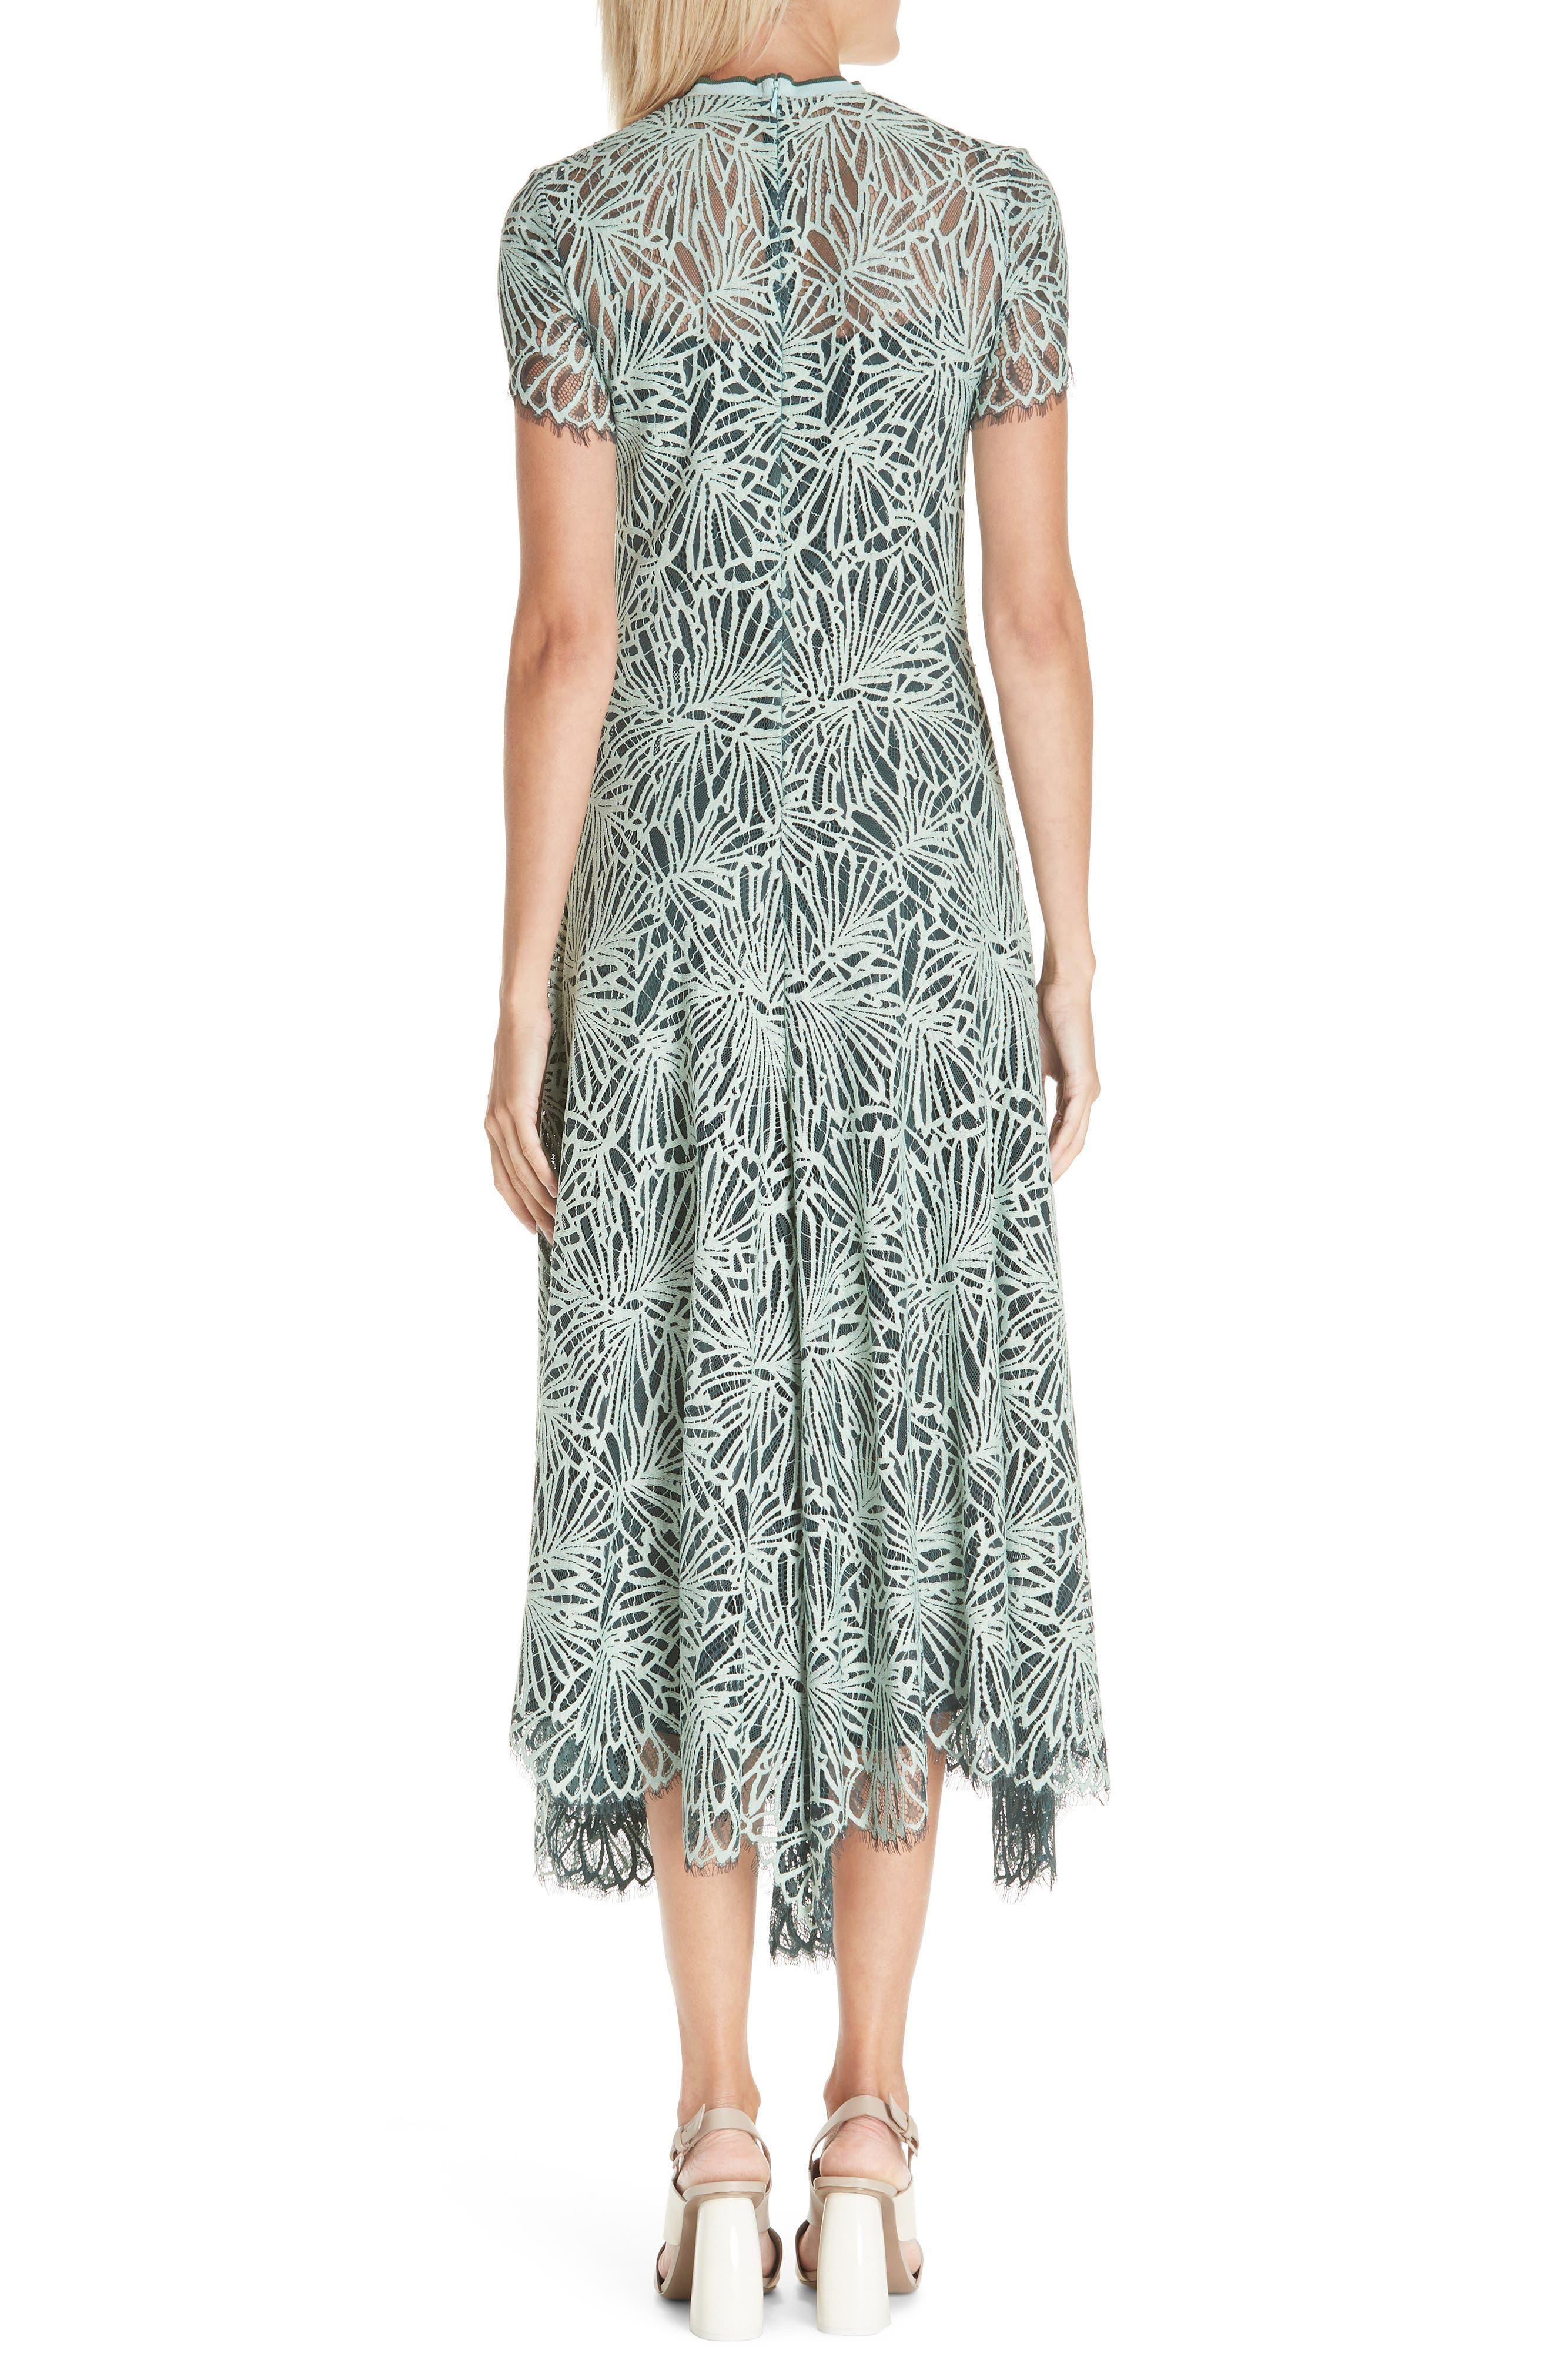 Stretch Lace Dress,                             Alternate thumbnail 2, color,                             SPEARMINT